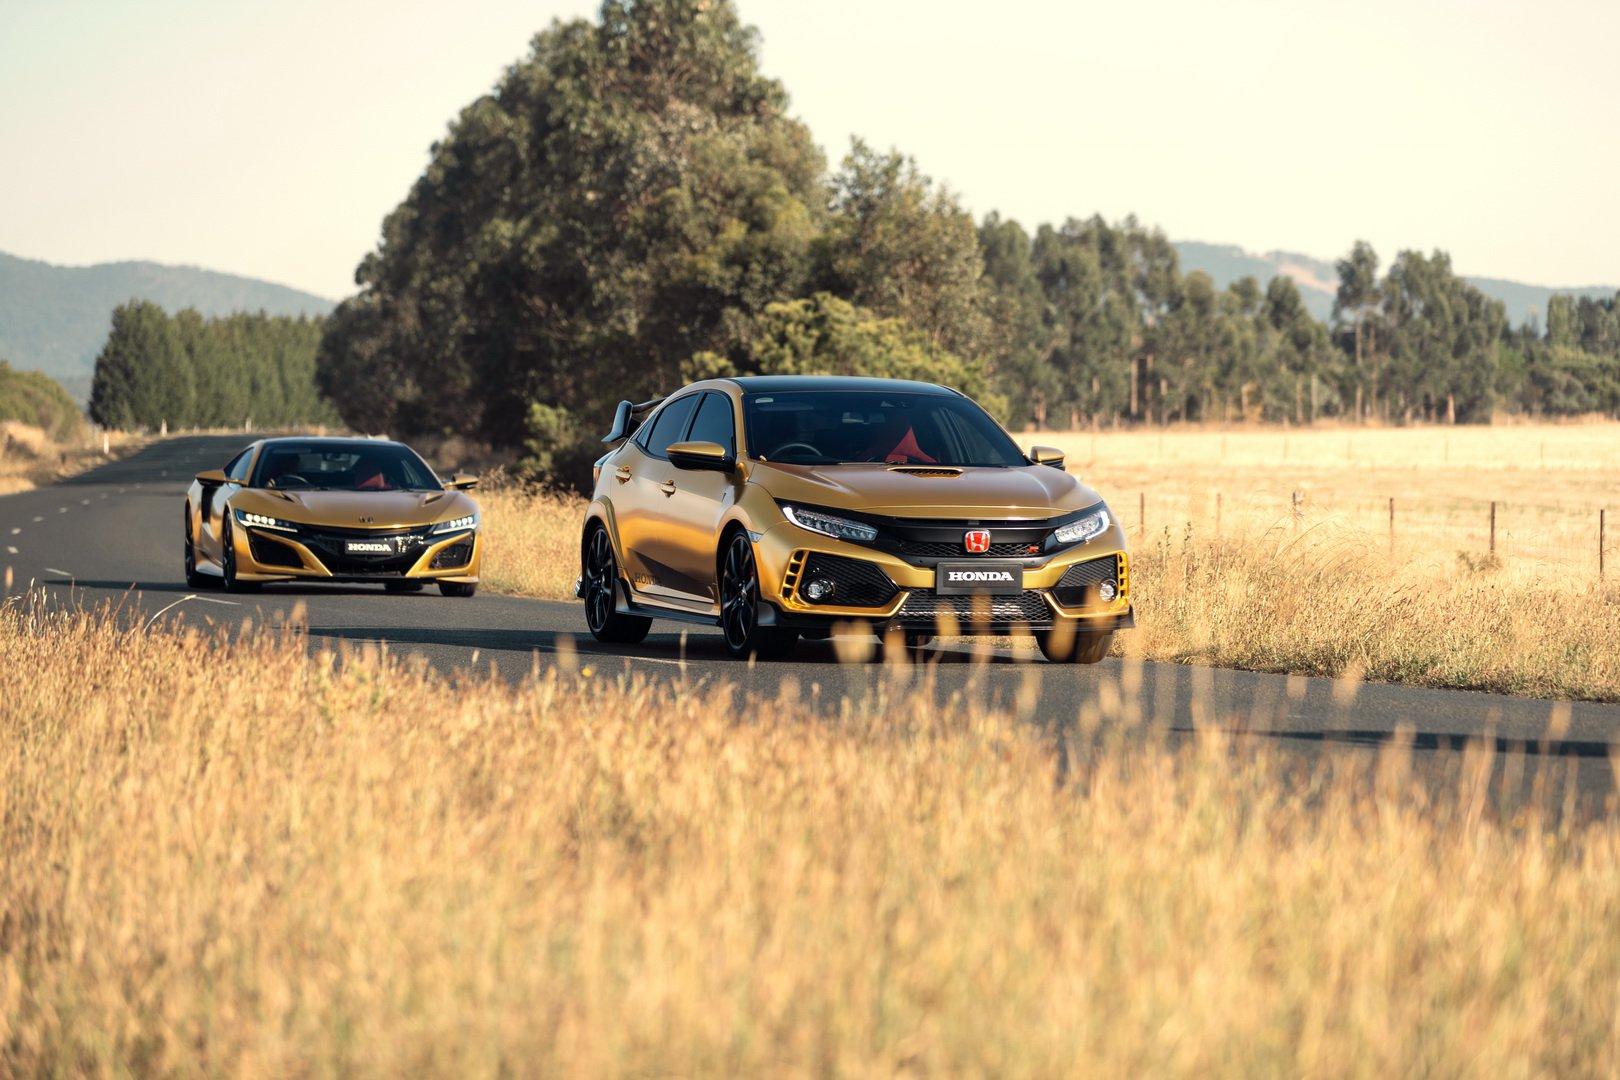 Honda_Australia_50_Years_NSX_Civic_Type_R_0011